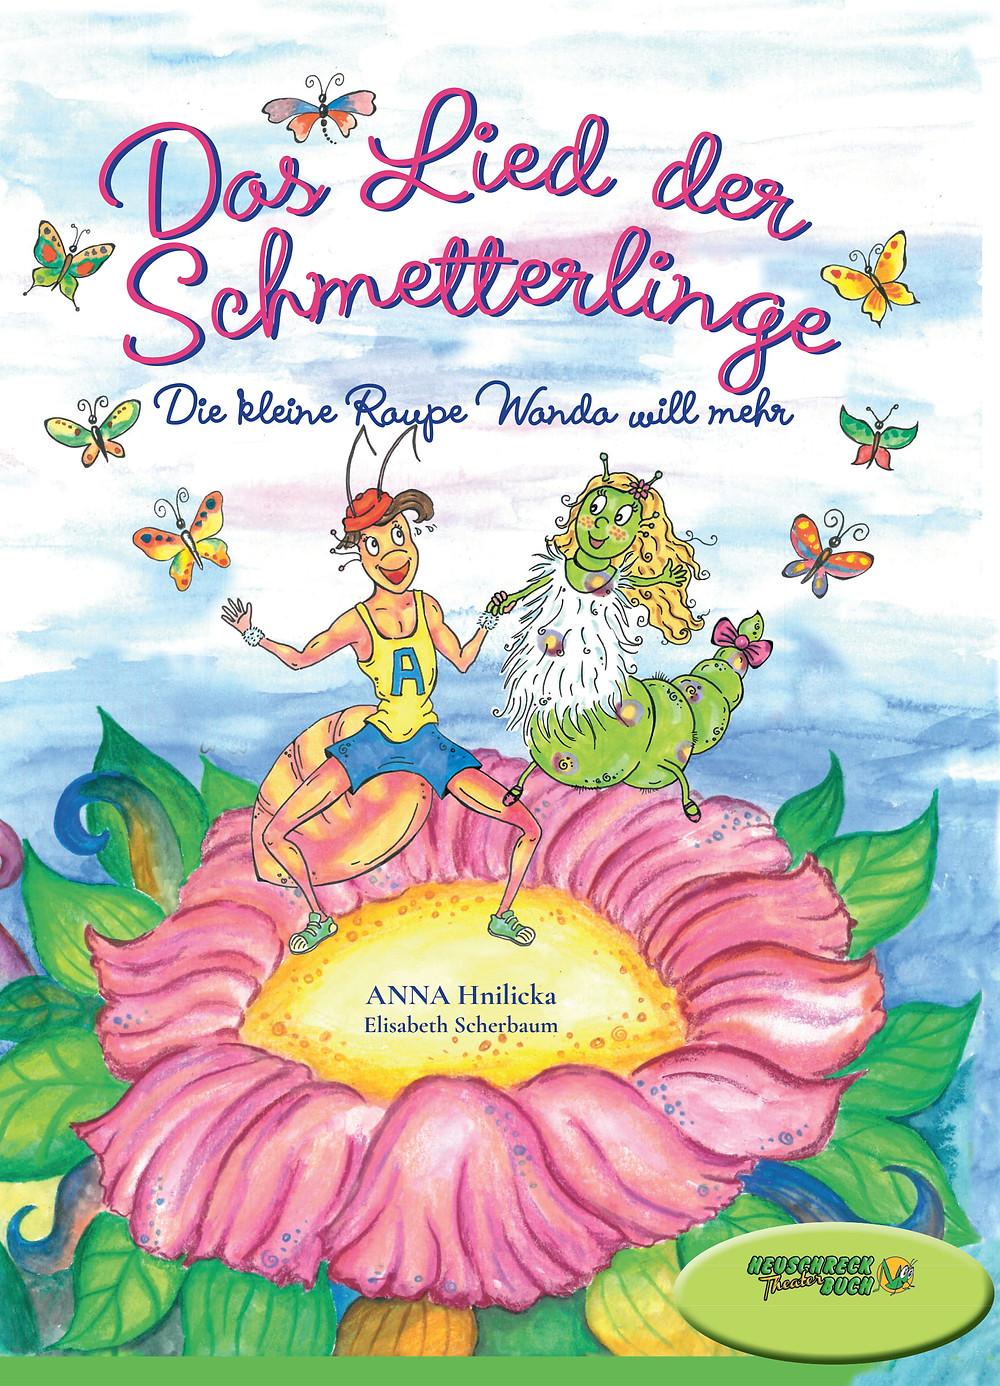 Eine zauberhafte Geschichte mit fantastischen Illustrationen für Kinder von 2 - 7 Jahren rund um die kleine Raupe Wanda. Nach dem gleichnamigen HEUSCHRECK-Musicalhit.